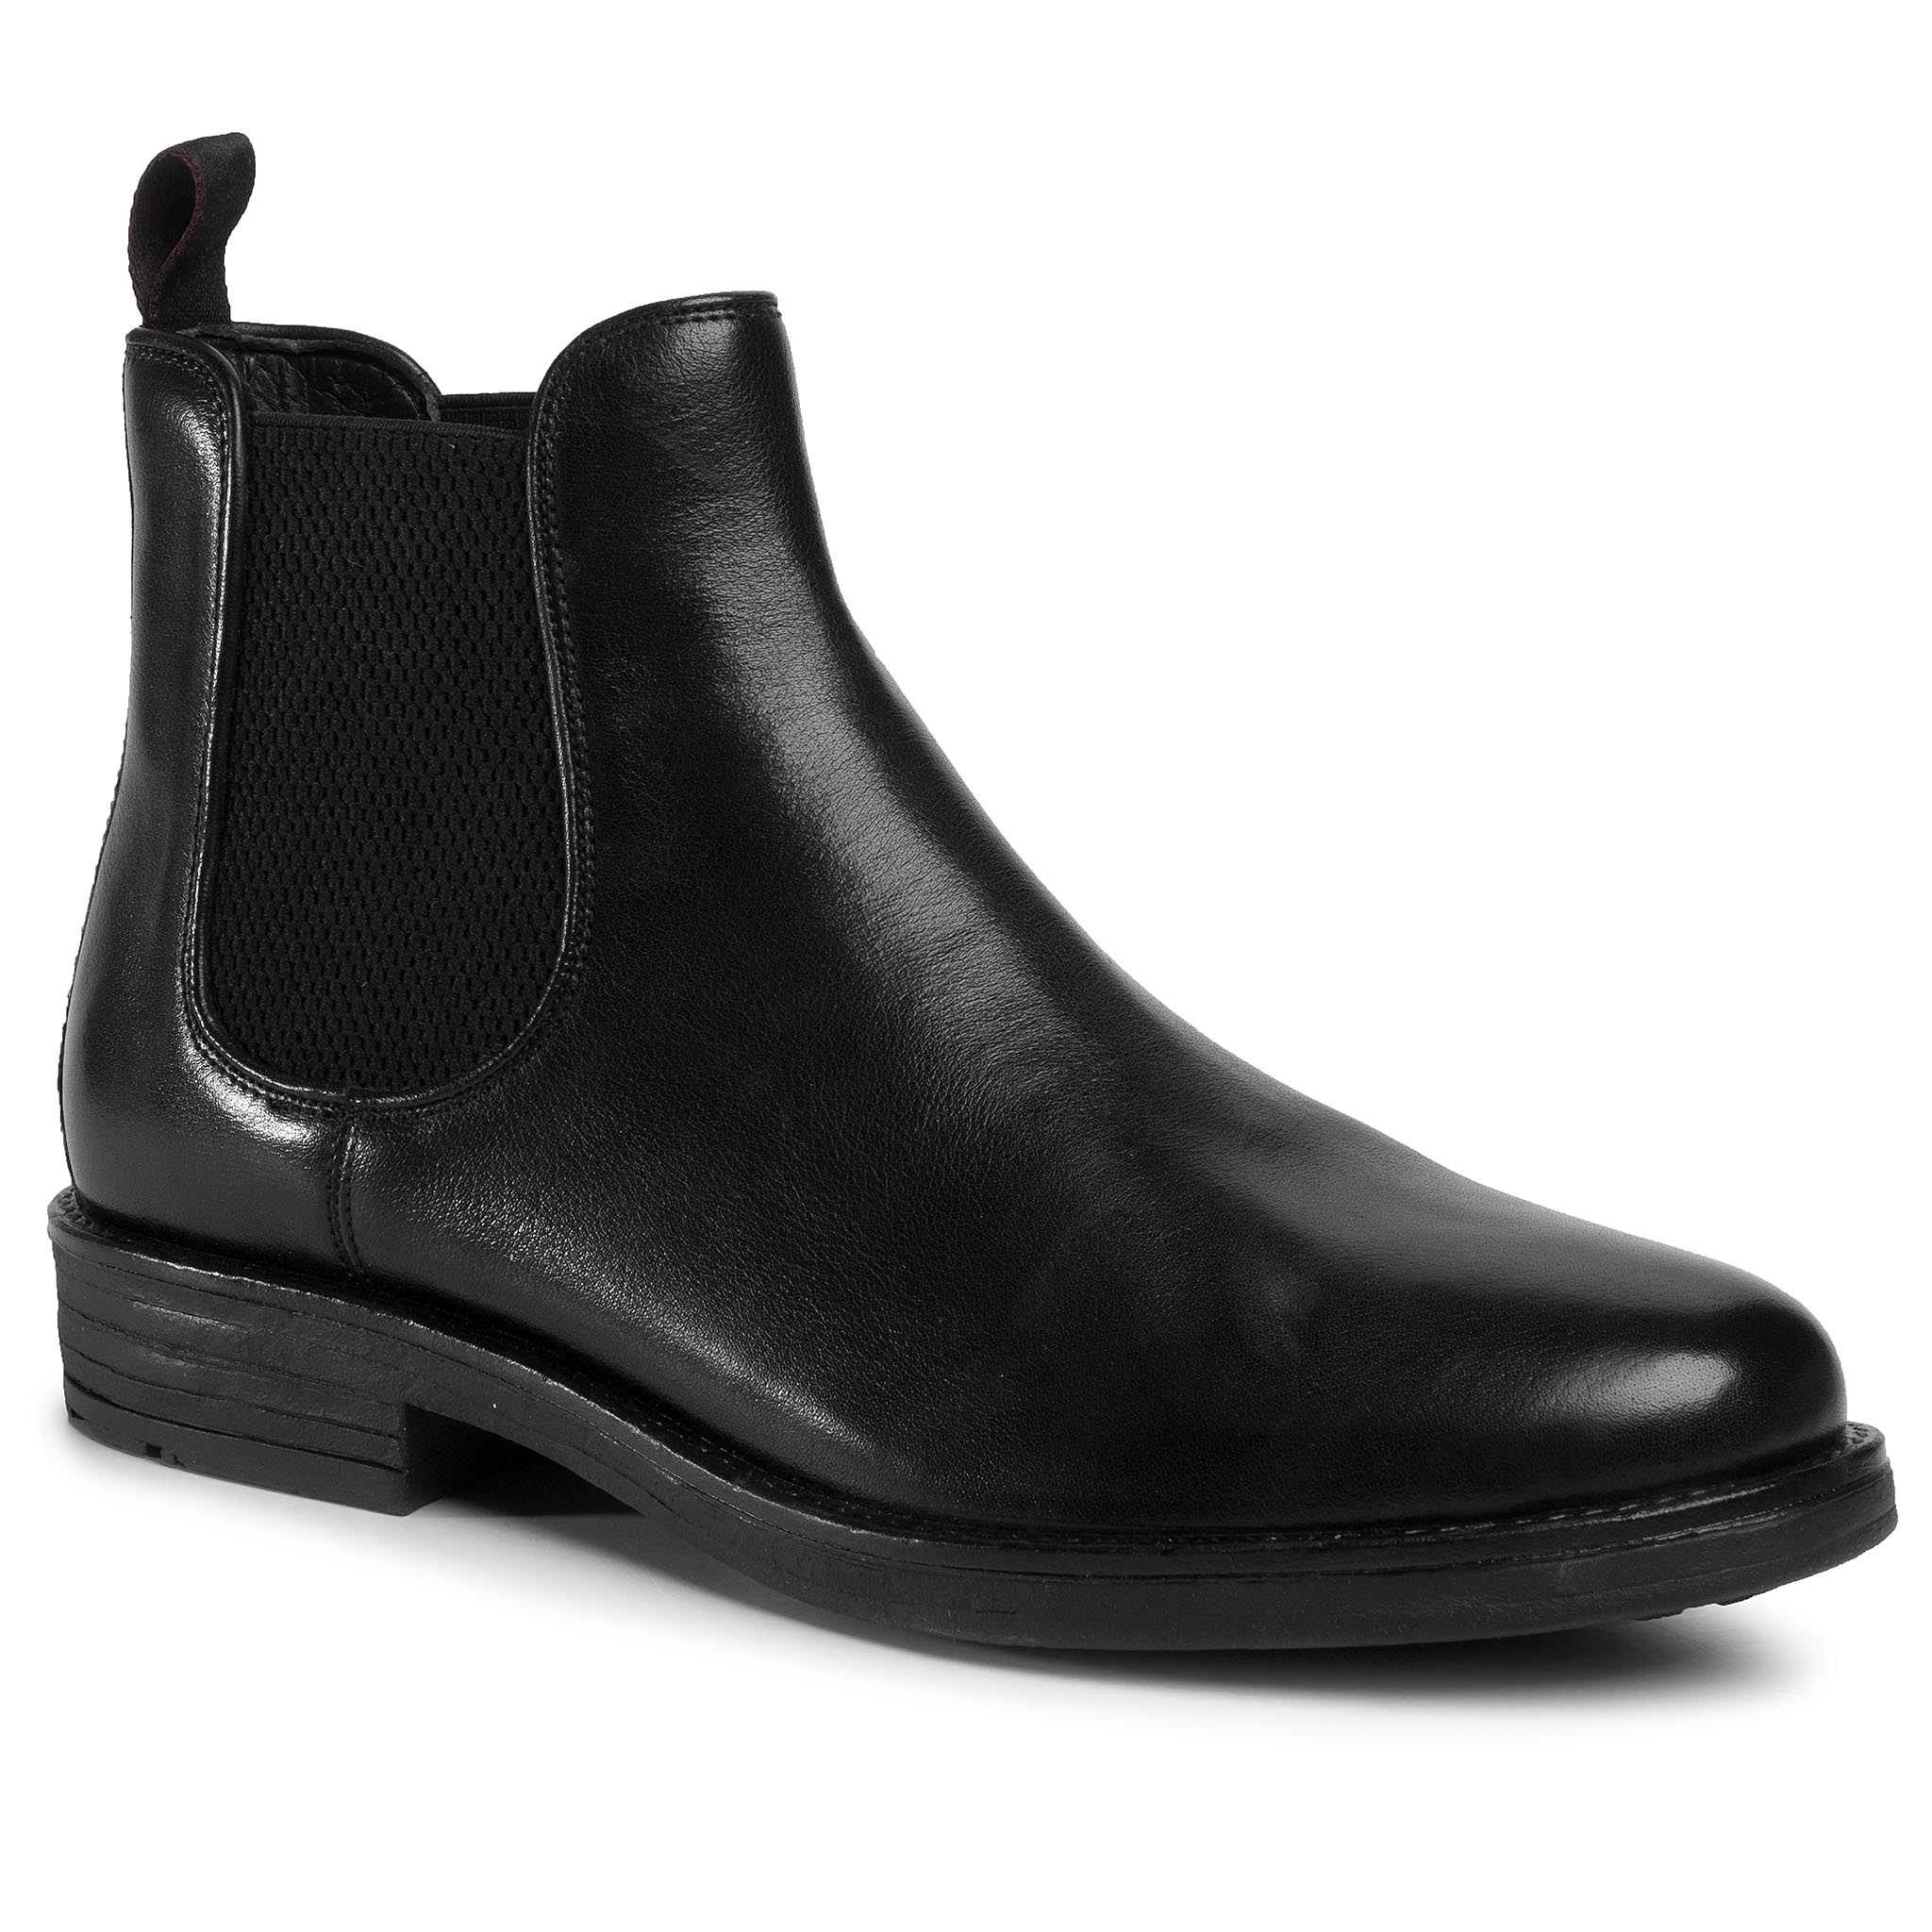 Kotníková obuv s elastickým prvkom LASOCKI FOR MEN - MI08-C608-586-16 Black